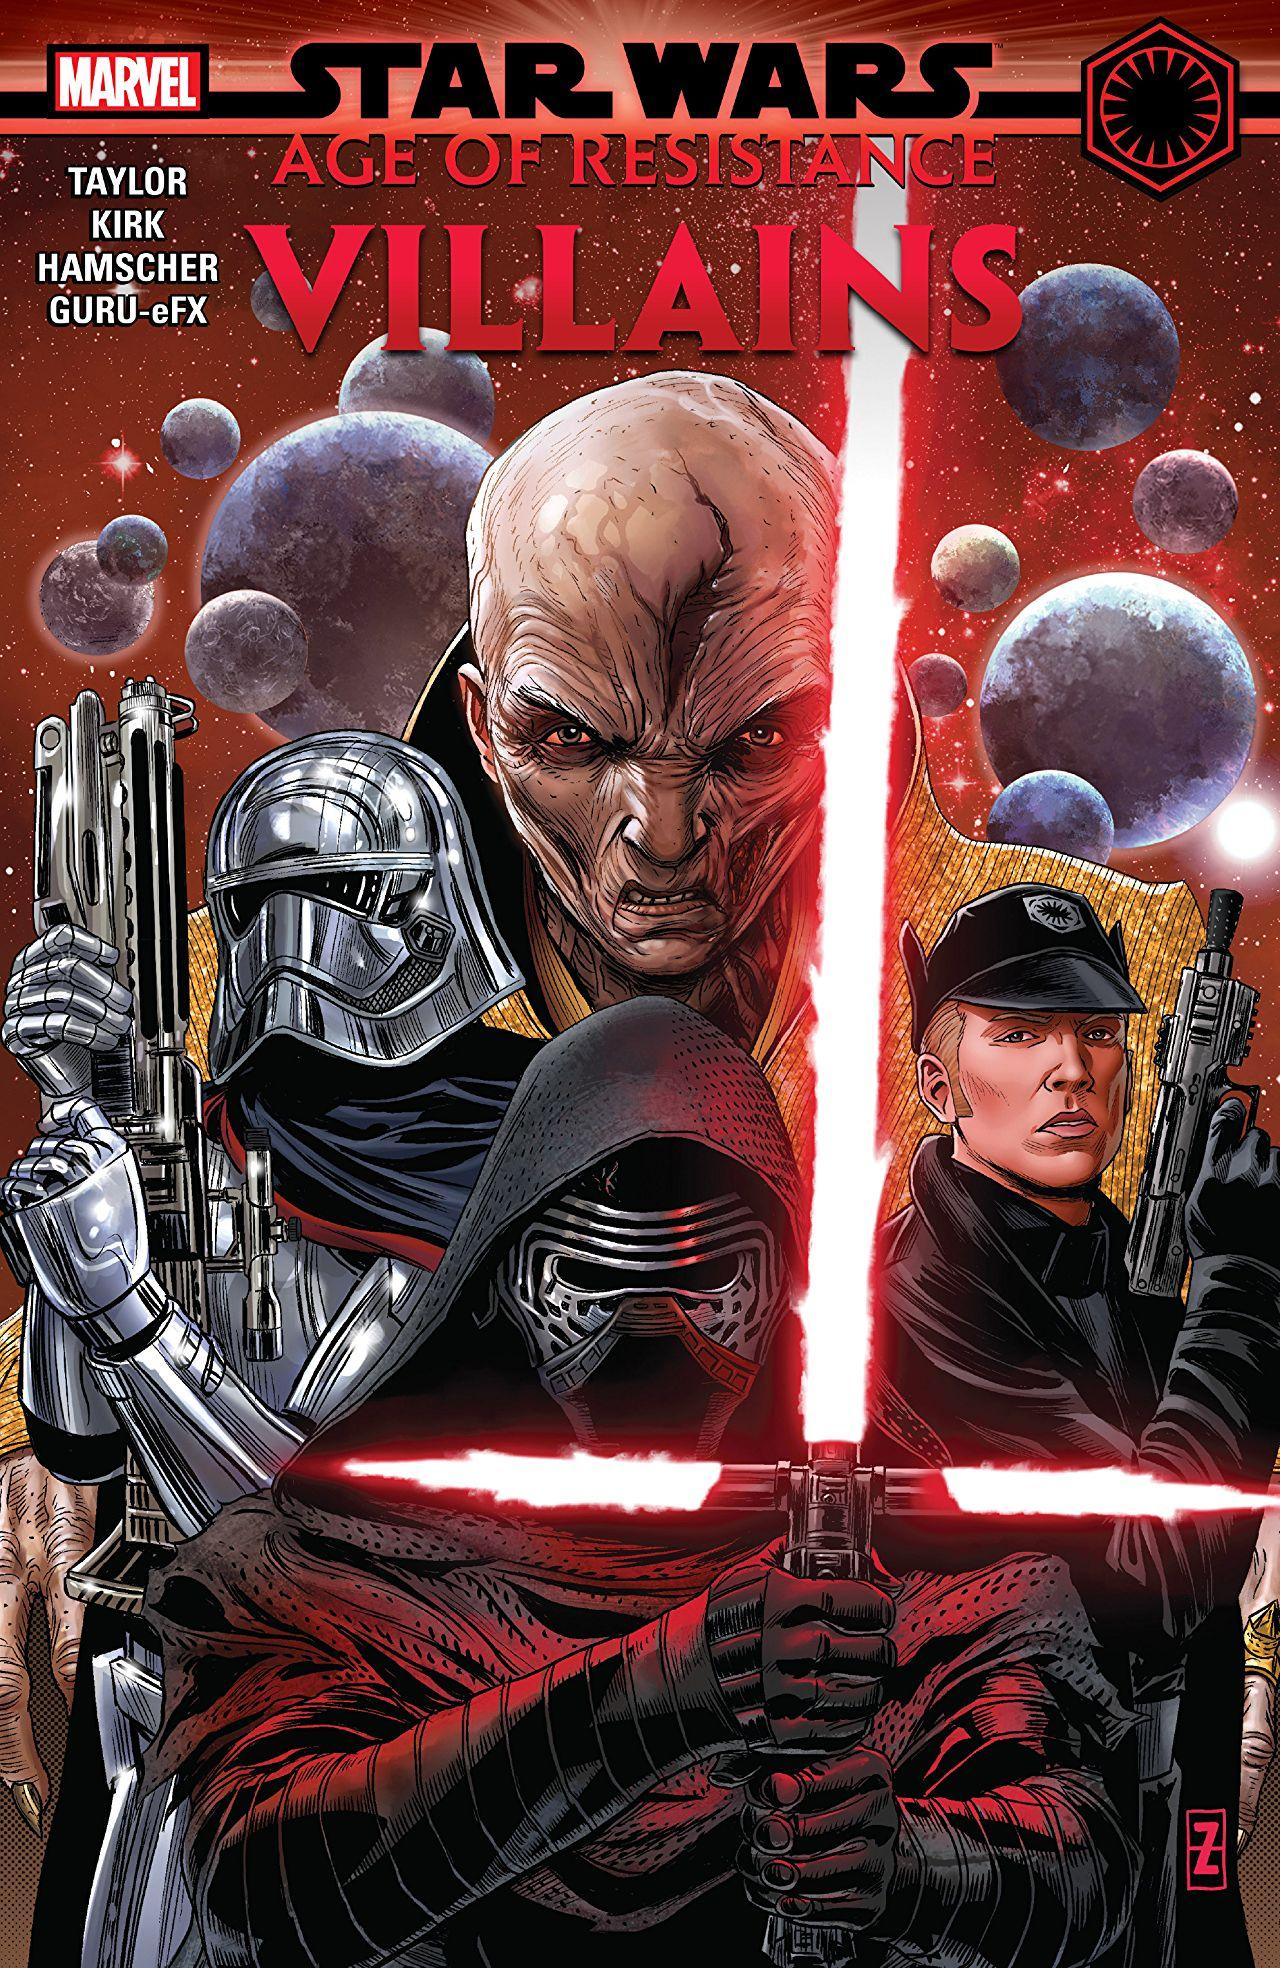 Age of Resistance: Villains (03.12.2019)